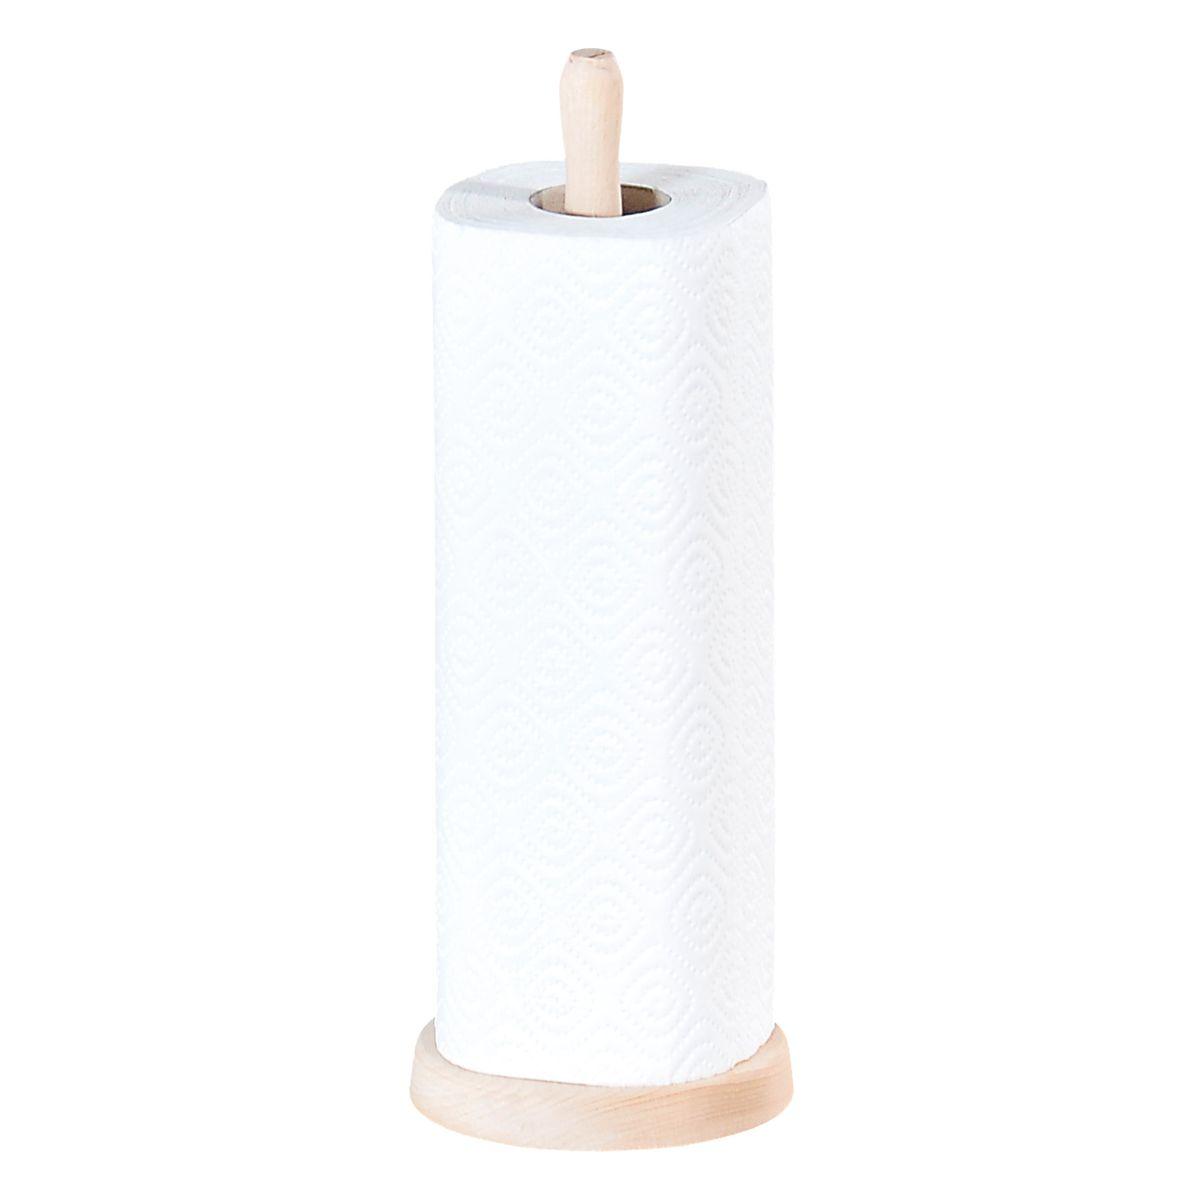 Стойка для кухон.полотенца. 1200-21200-2С помощью держателя очень удобно хранить кухонные бумажные полотенца для рук. Изготовлен из дерева светлое дерево